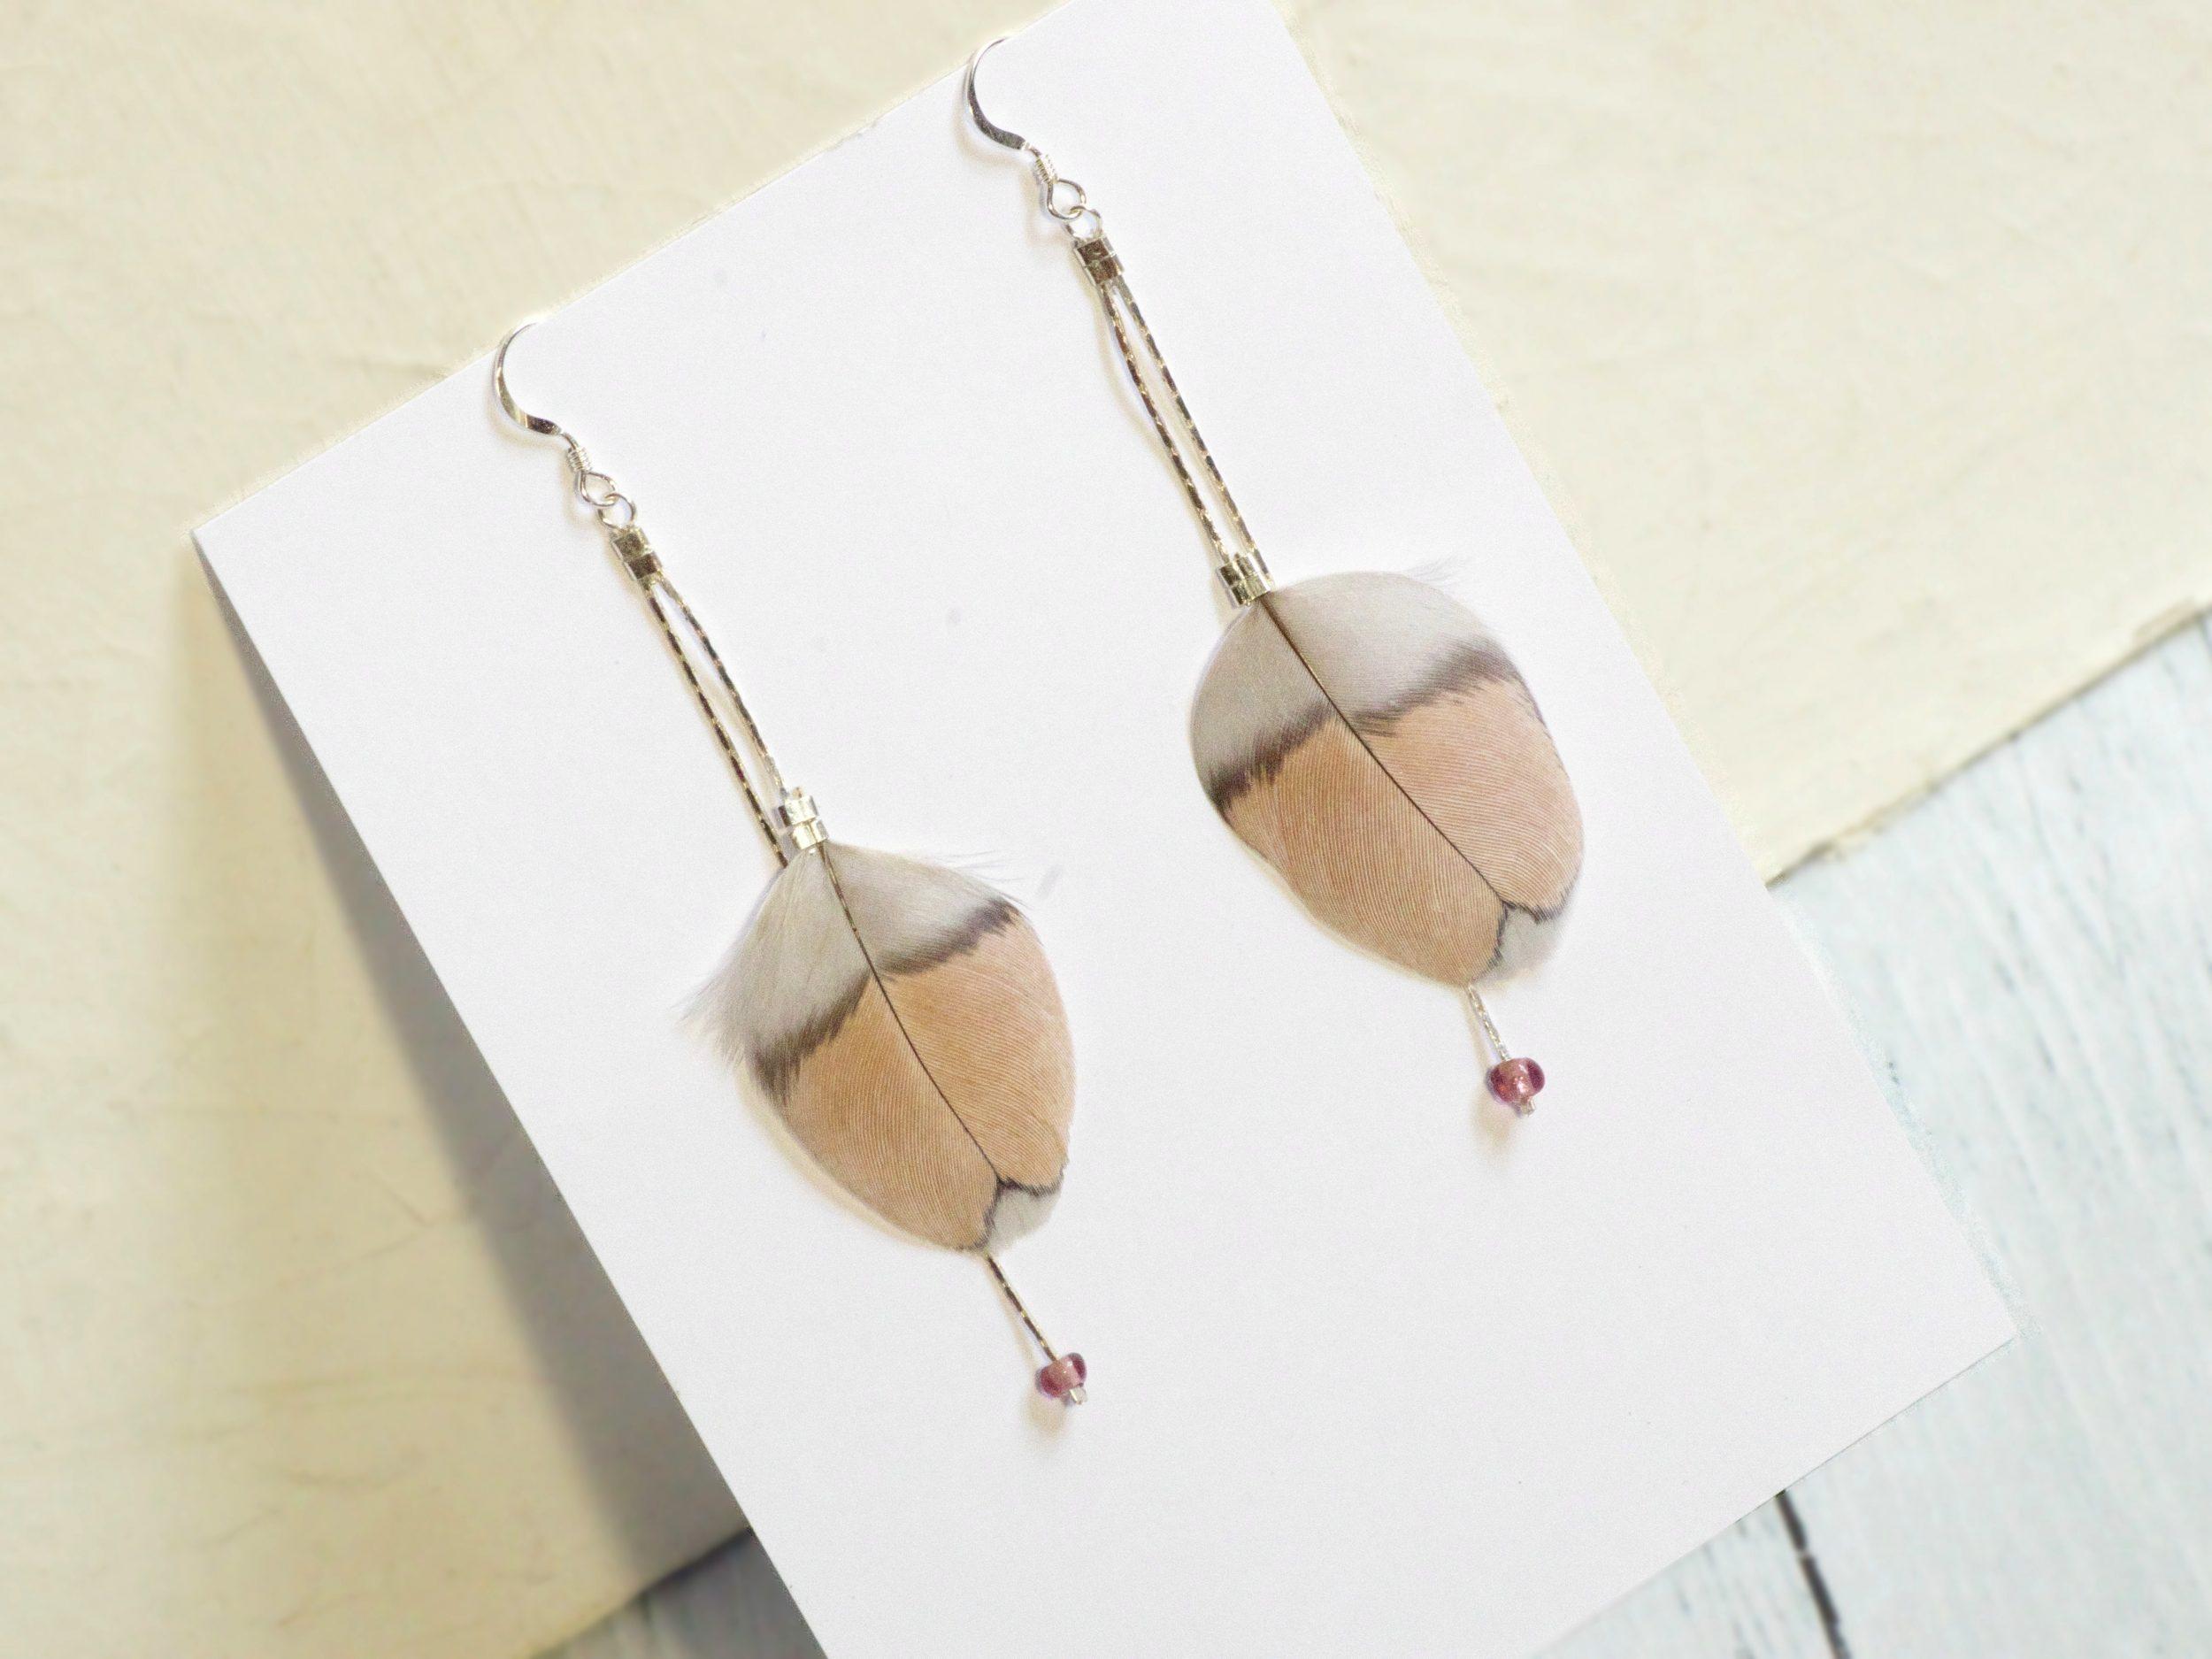 boucles d'oreilles avec des plumes originales aux couleurs douces gris et nude, et chaînes en argent, ponctuées par de petites perles en verre